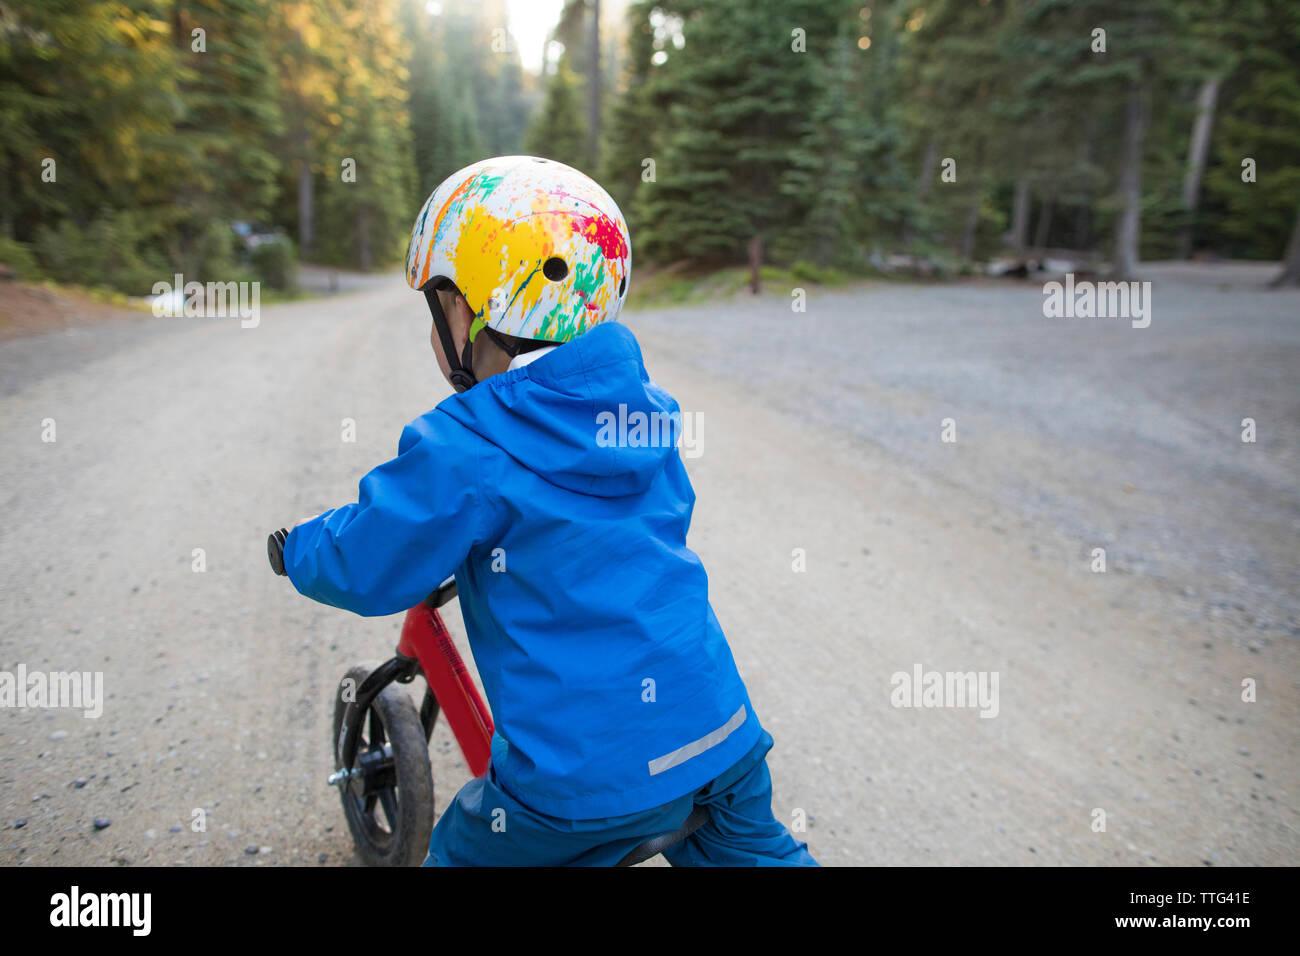 Toddler wearing helmet while biking outdoors. - Stock Image